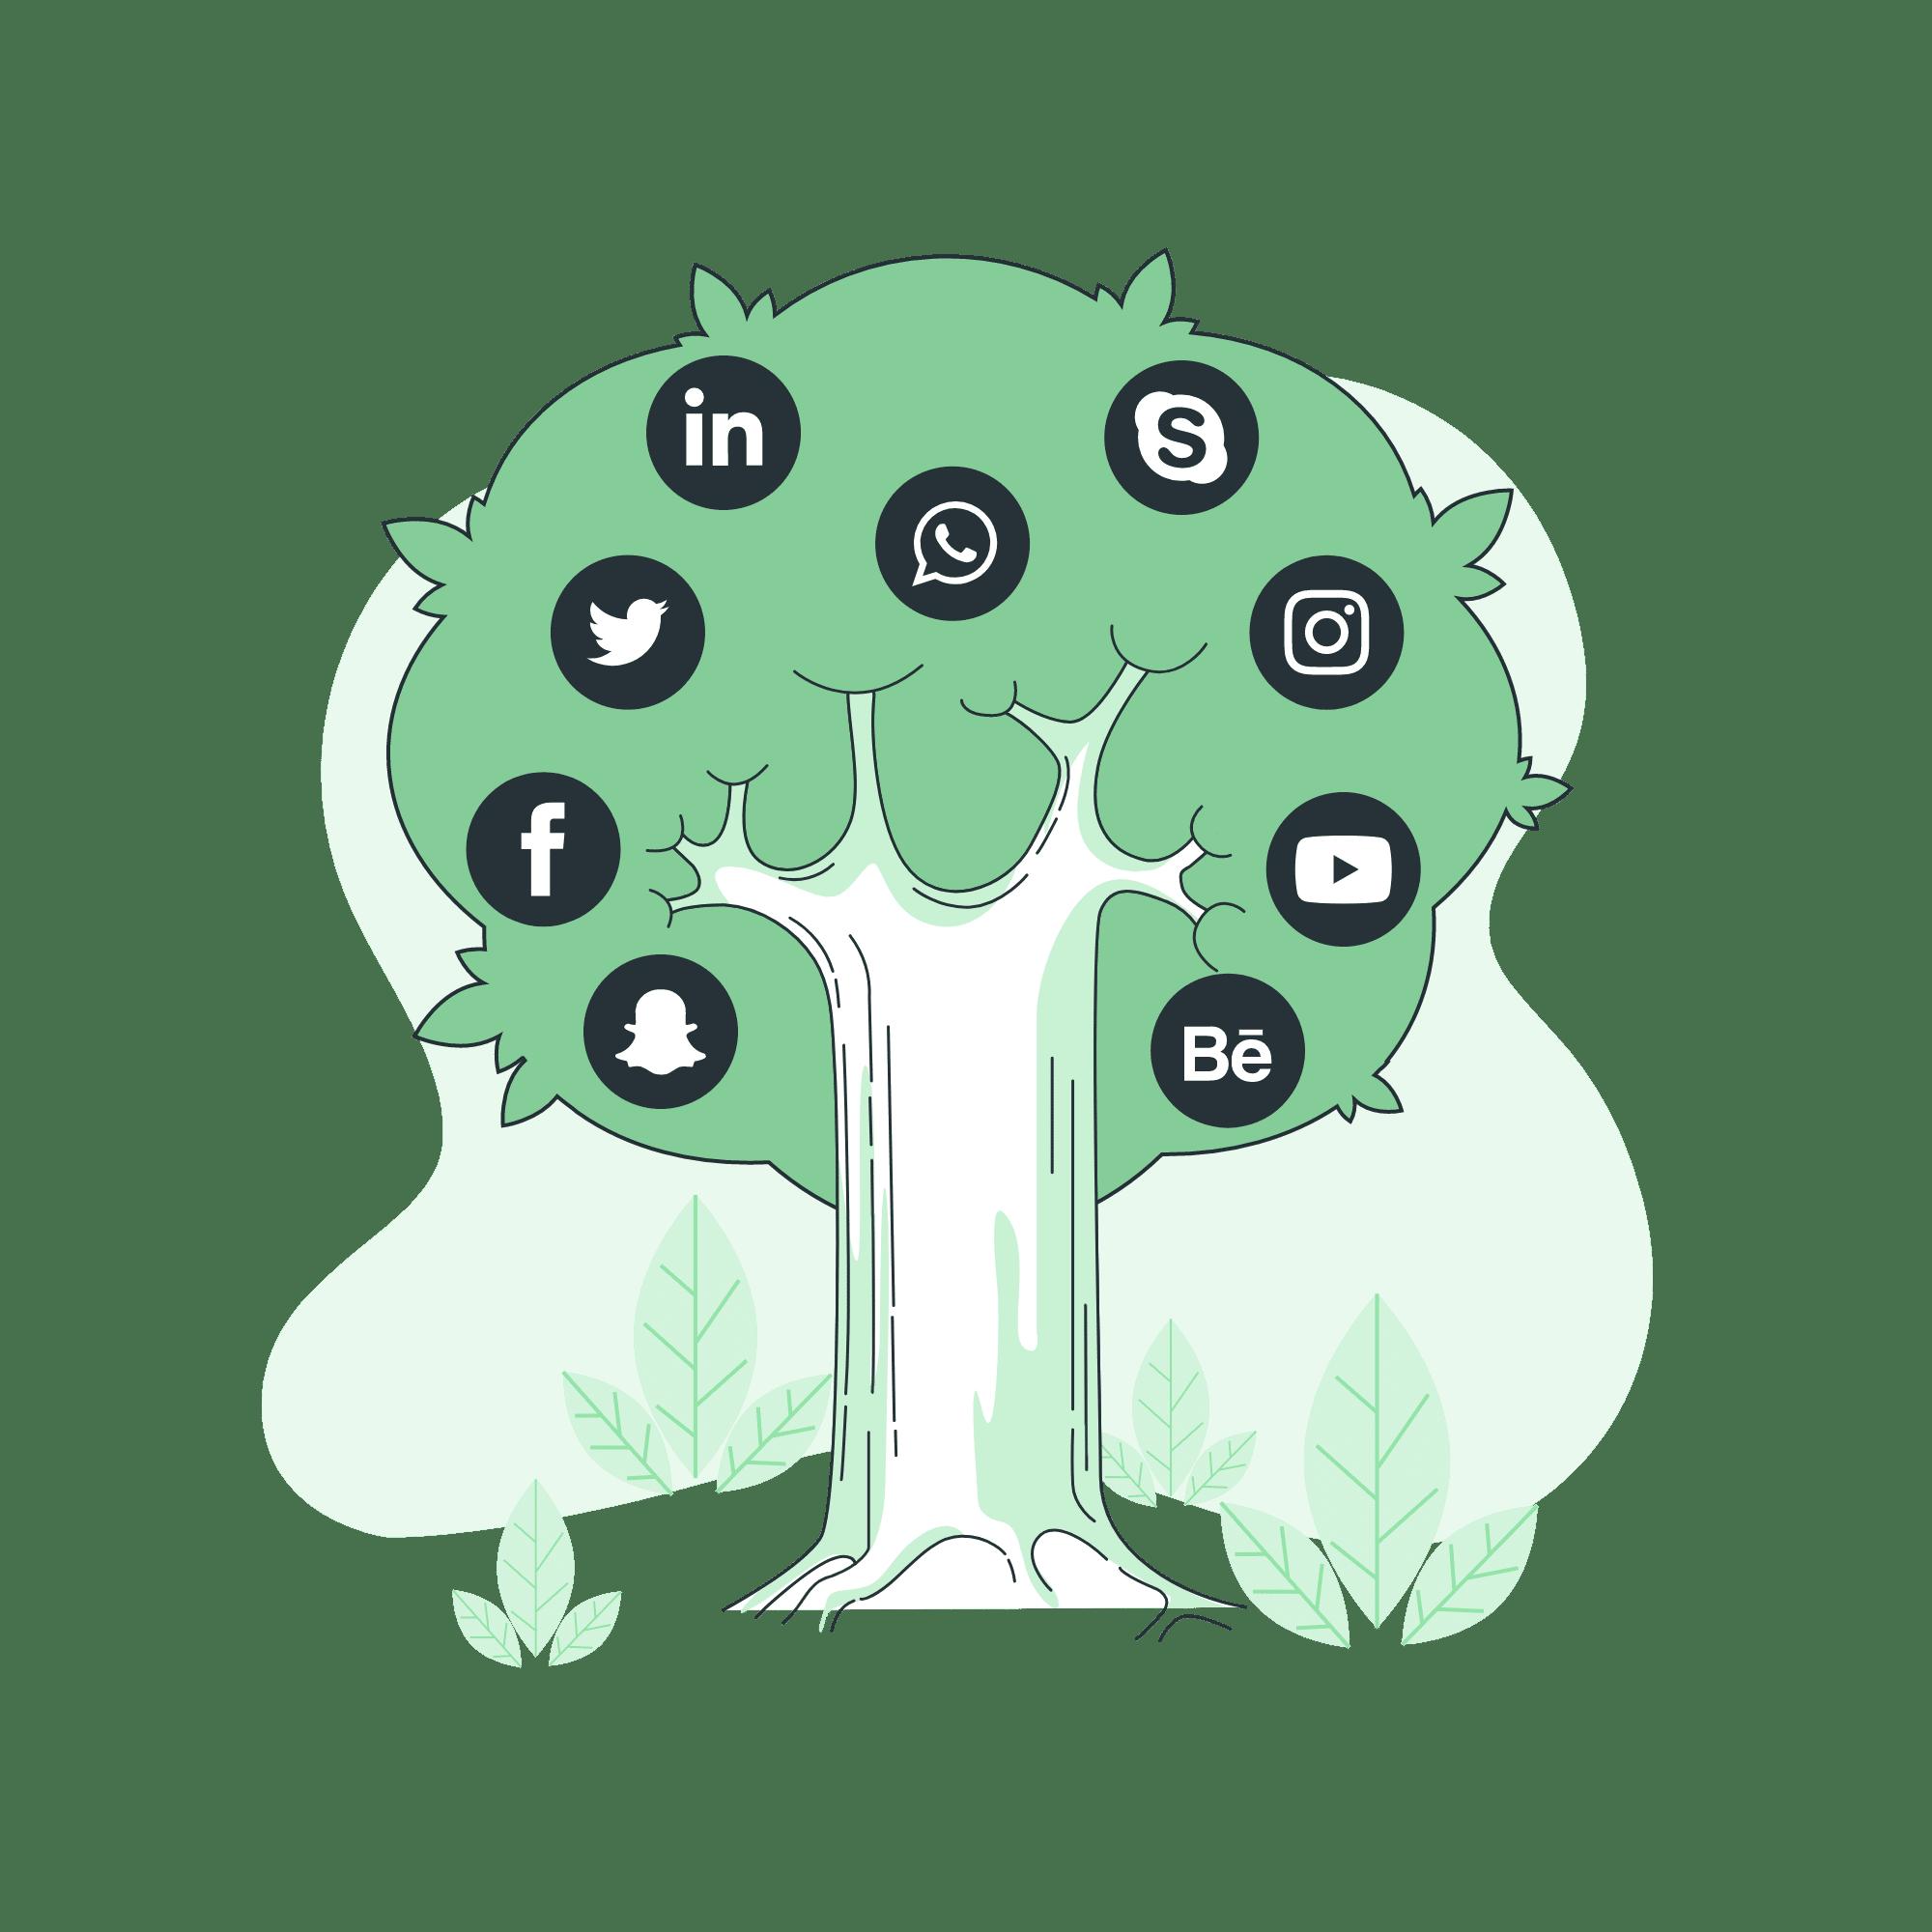 طراحی و توسعه شبکه های اجتماعی